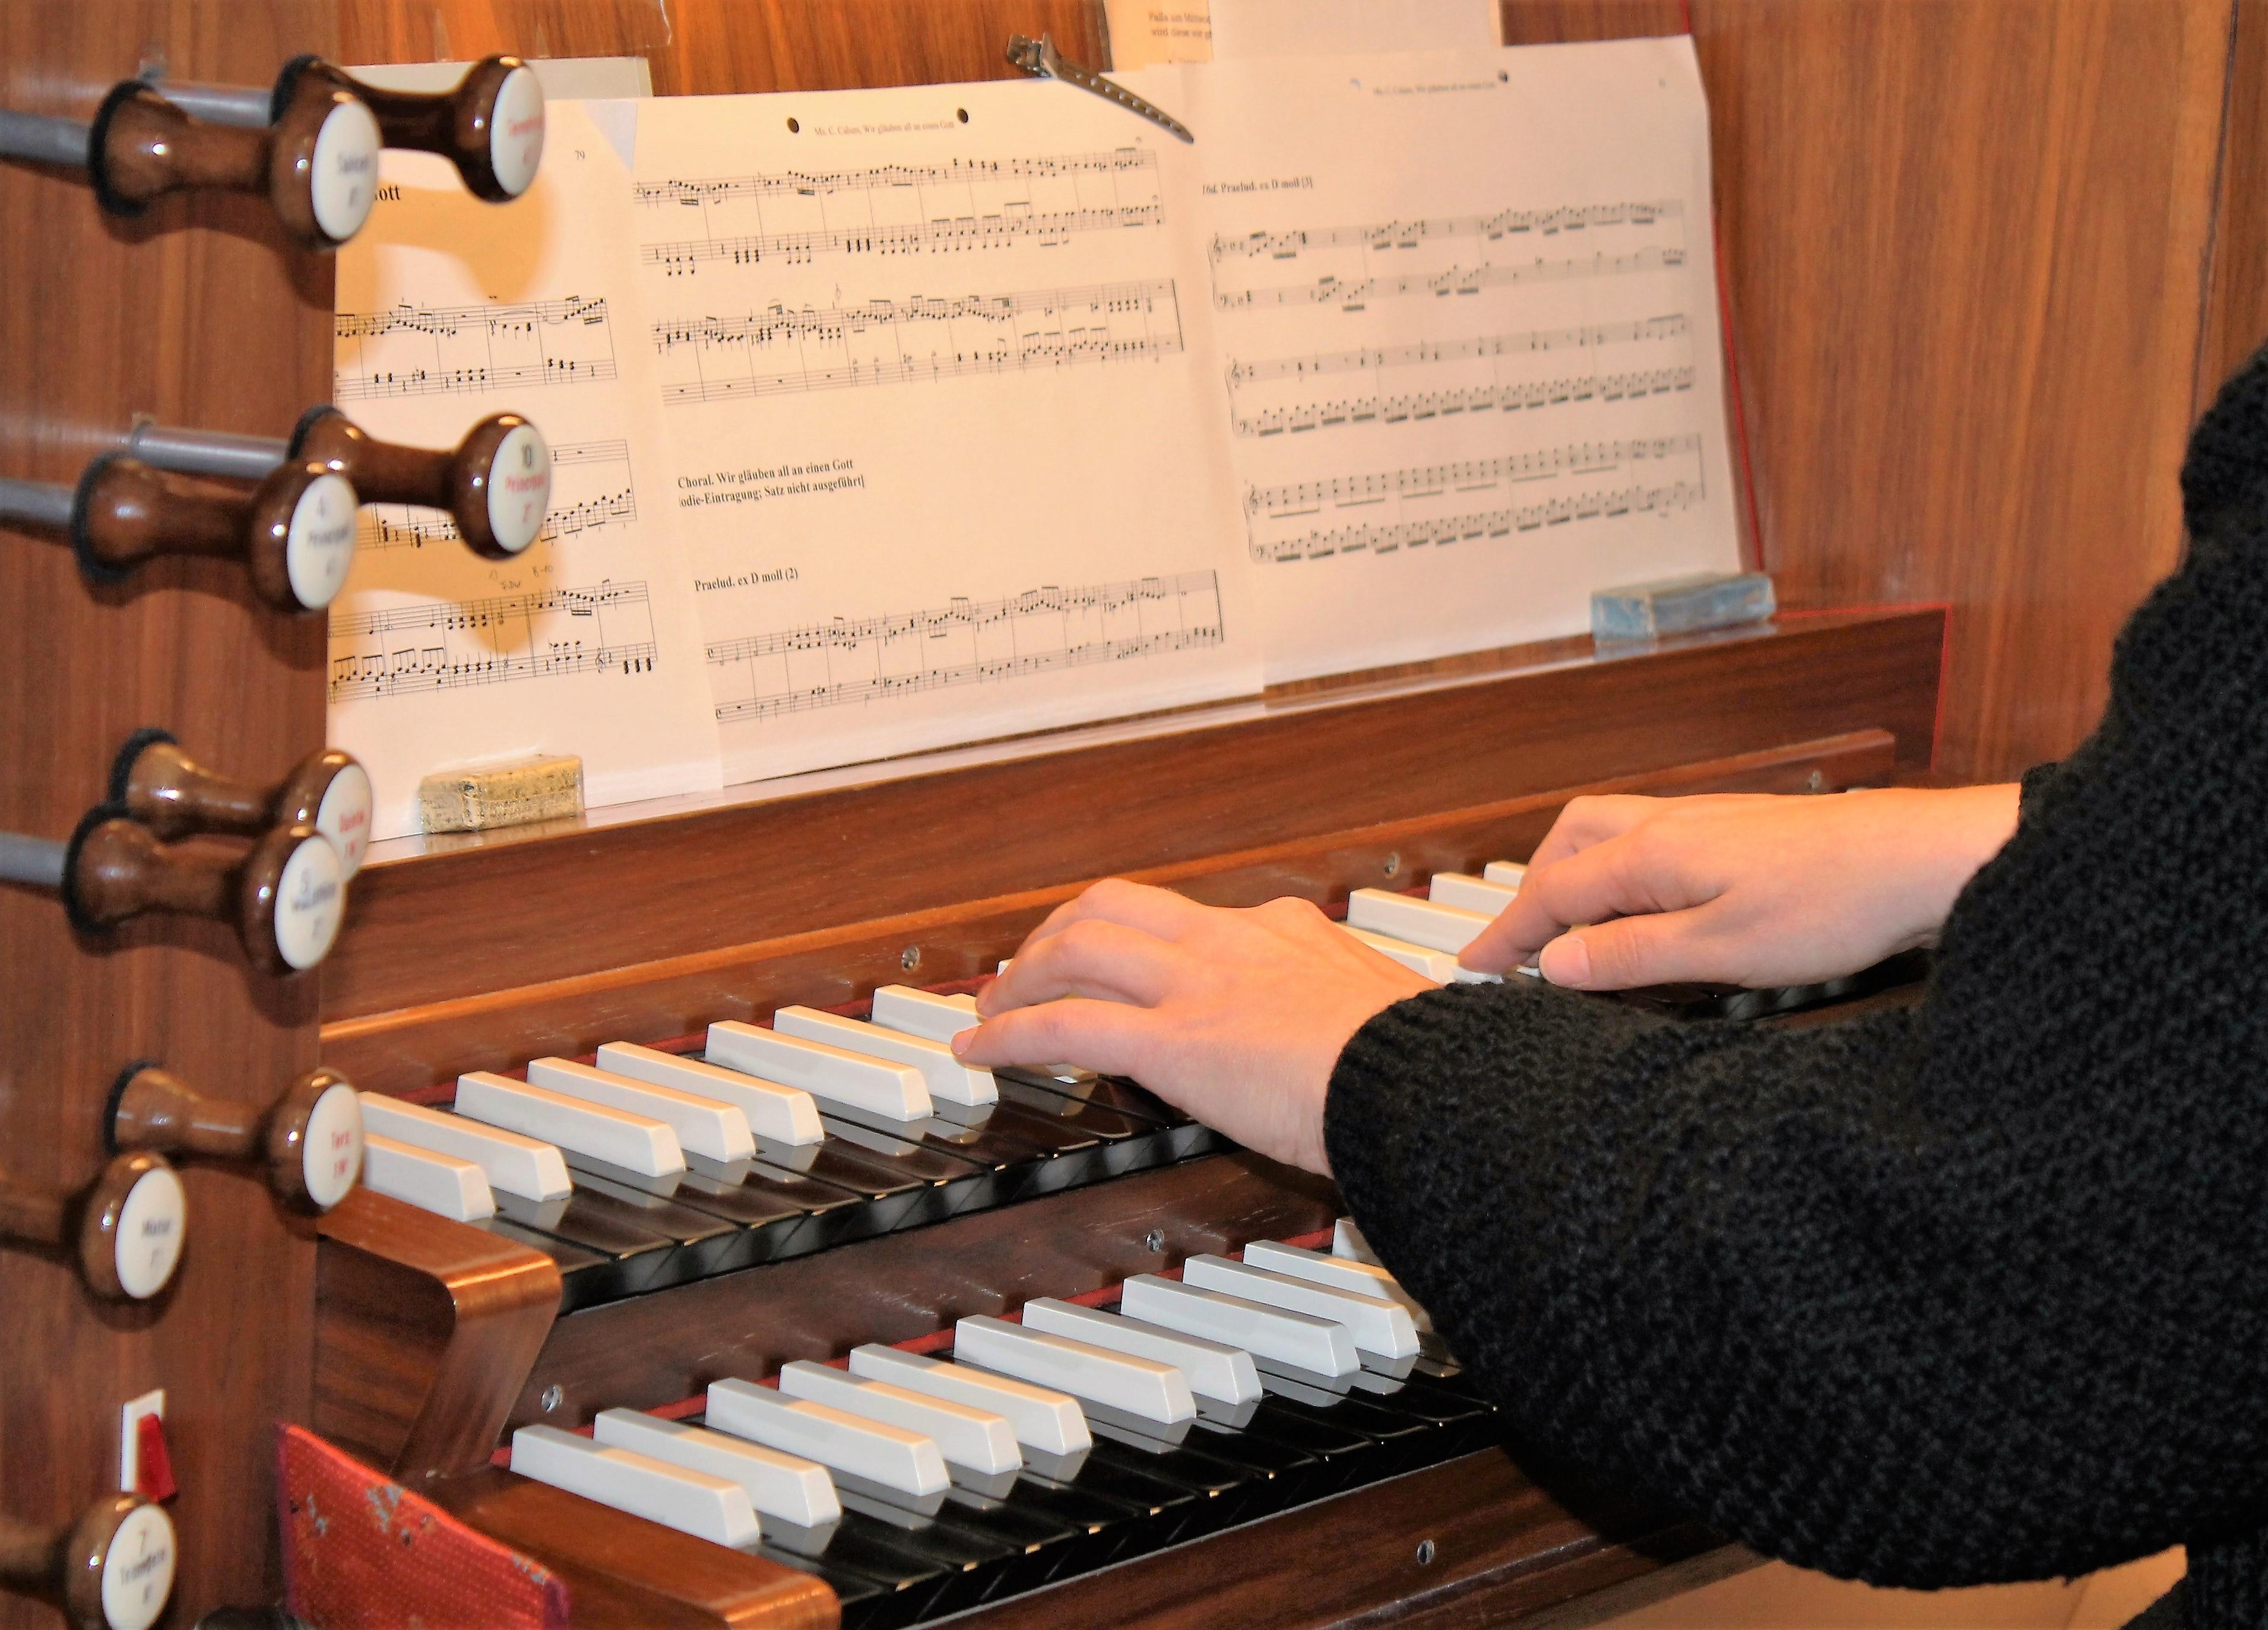 Orgelspieler1